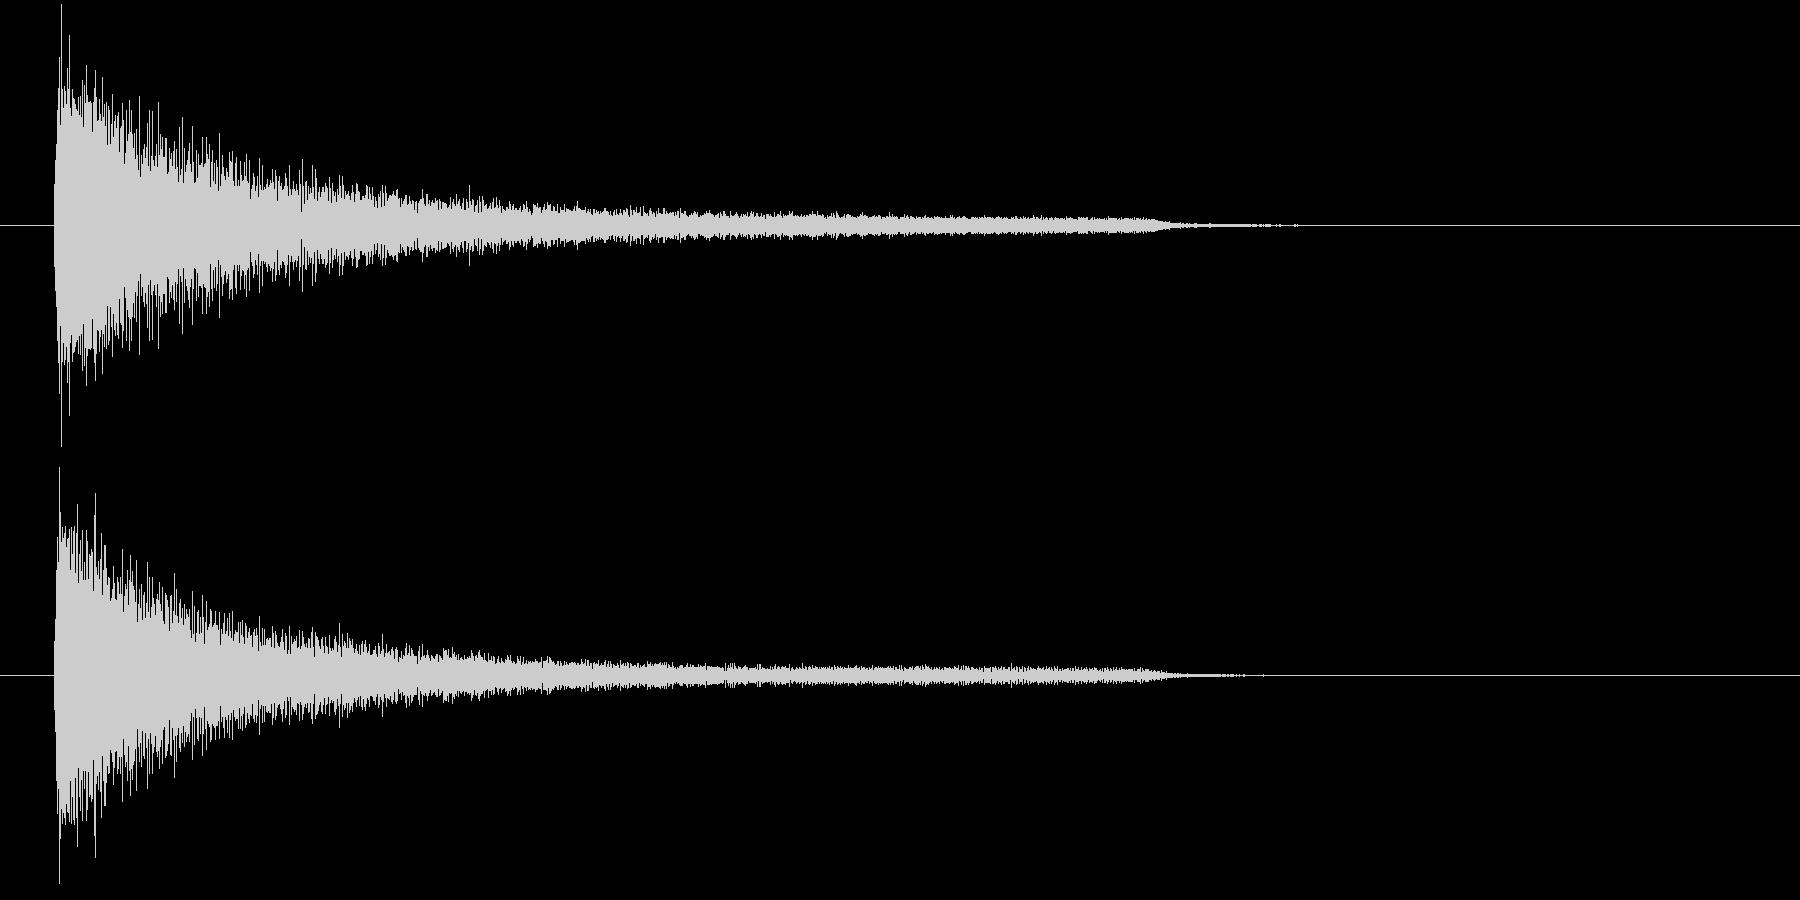 一番シンプルな(暗い)ピアノ和音の未再生の波形